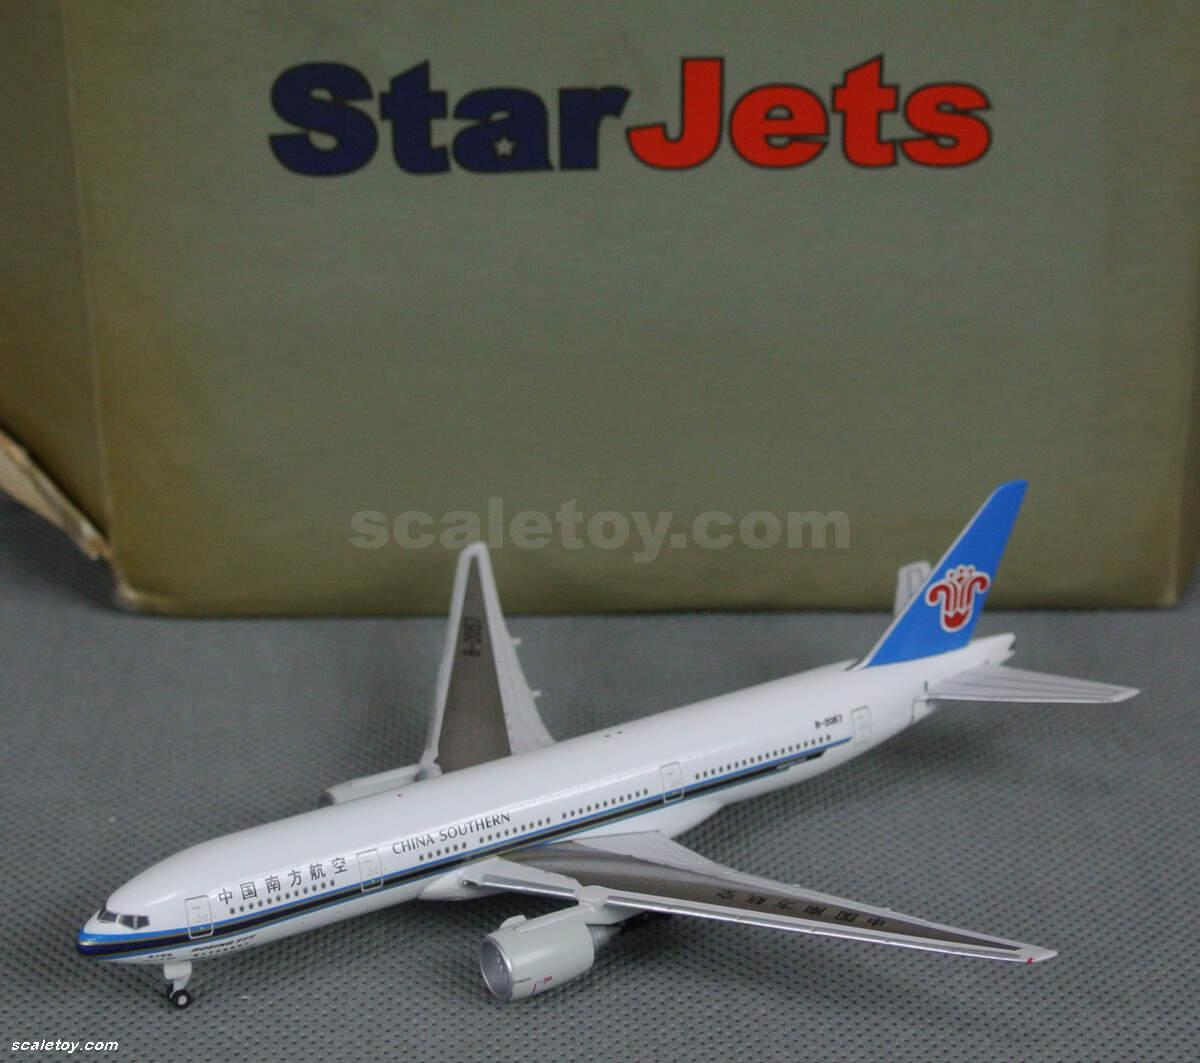 波音777是一款由美国波音公司制造的长程双发动机宽体客机,是目前全球最大的双发动机宽体客机,三级舱布置的载客量由283人至368人,航程由5,235海里至9,450海里(9,695公里至17,500公里)。波音777采用圆形机身设计,主起落架共有12个机轮,波音777-300ER型所采用的发动机(通用电气GE90)直径(达到3.